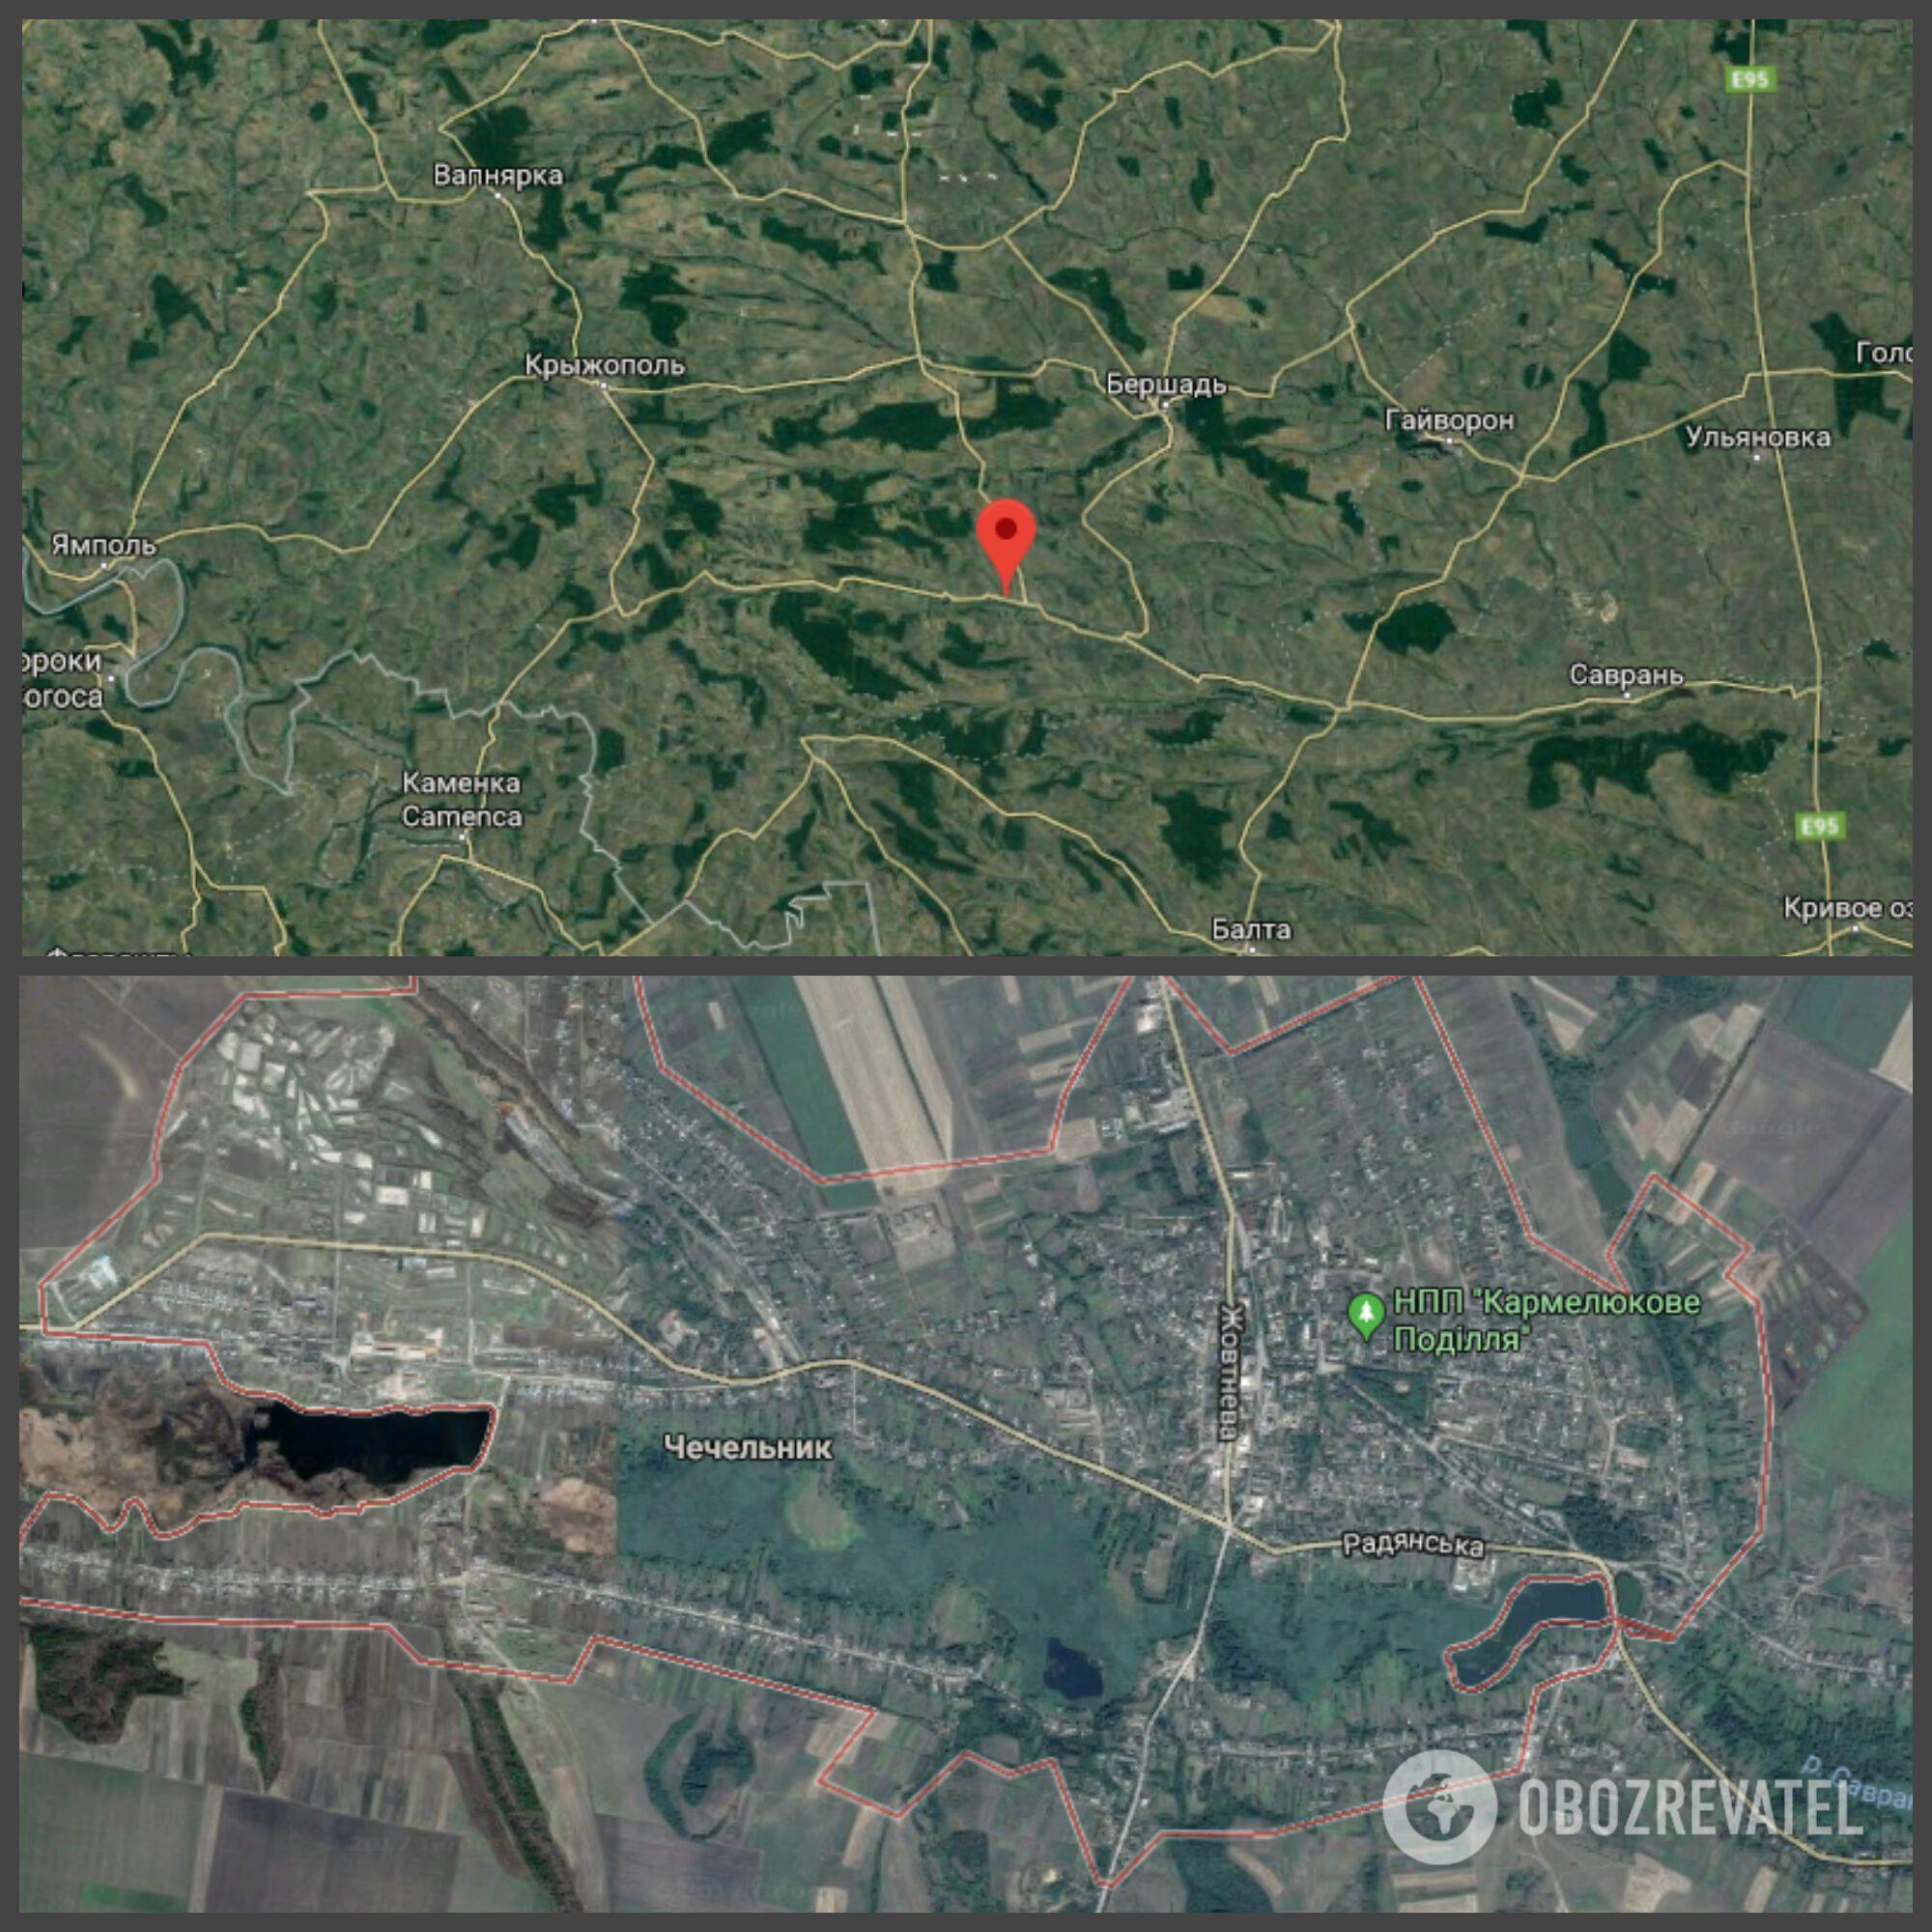 ДТП произошло рядом с поселком Чечельник